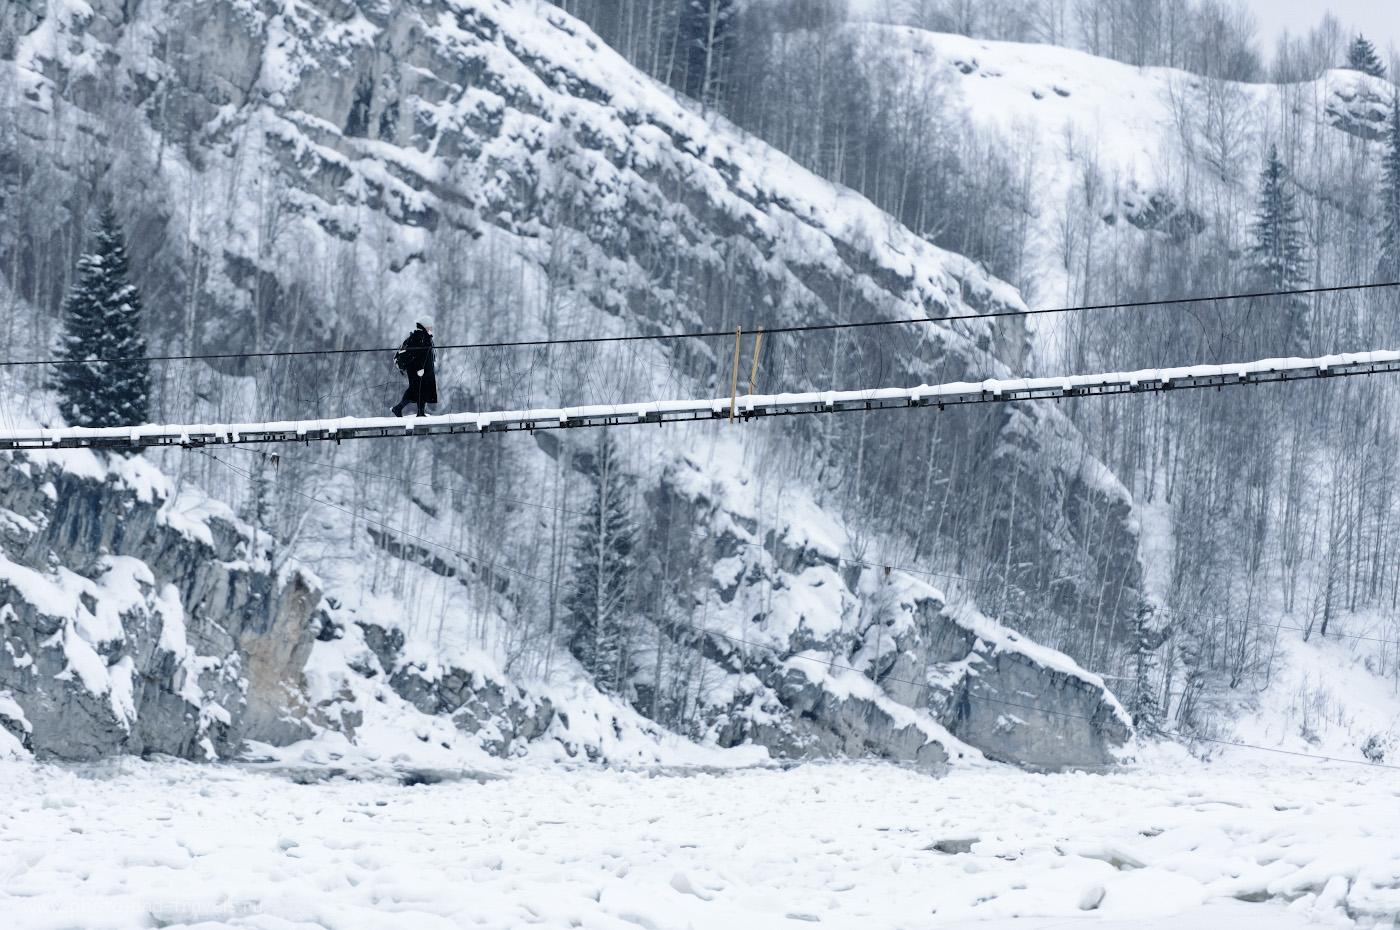 Фотография 4. Подвесной мост через Косьву около горы Ладейная в Губахе. Интересные места Пермского края, куда можно съездить на выходные. 1/400, 2.8, 1000, +1.33, 200.